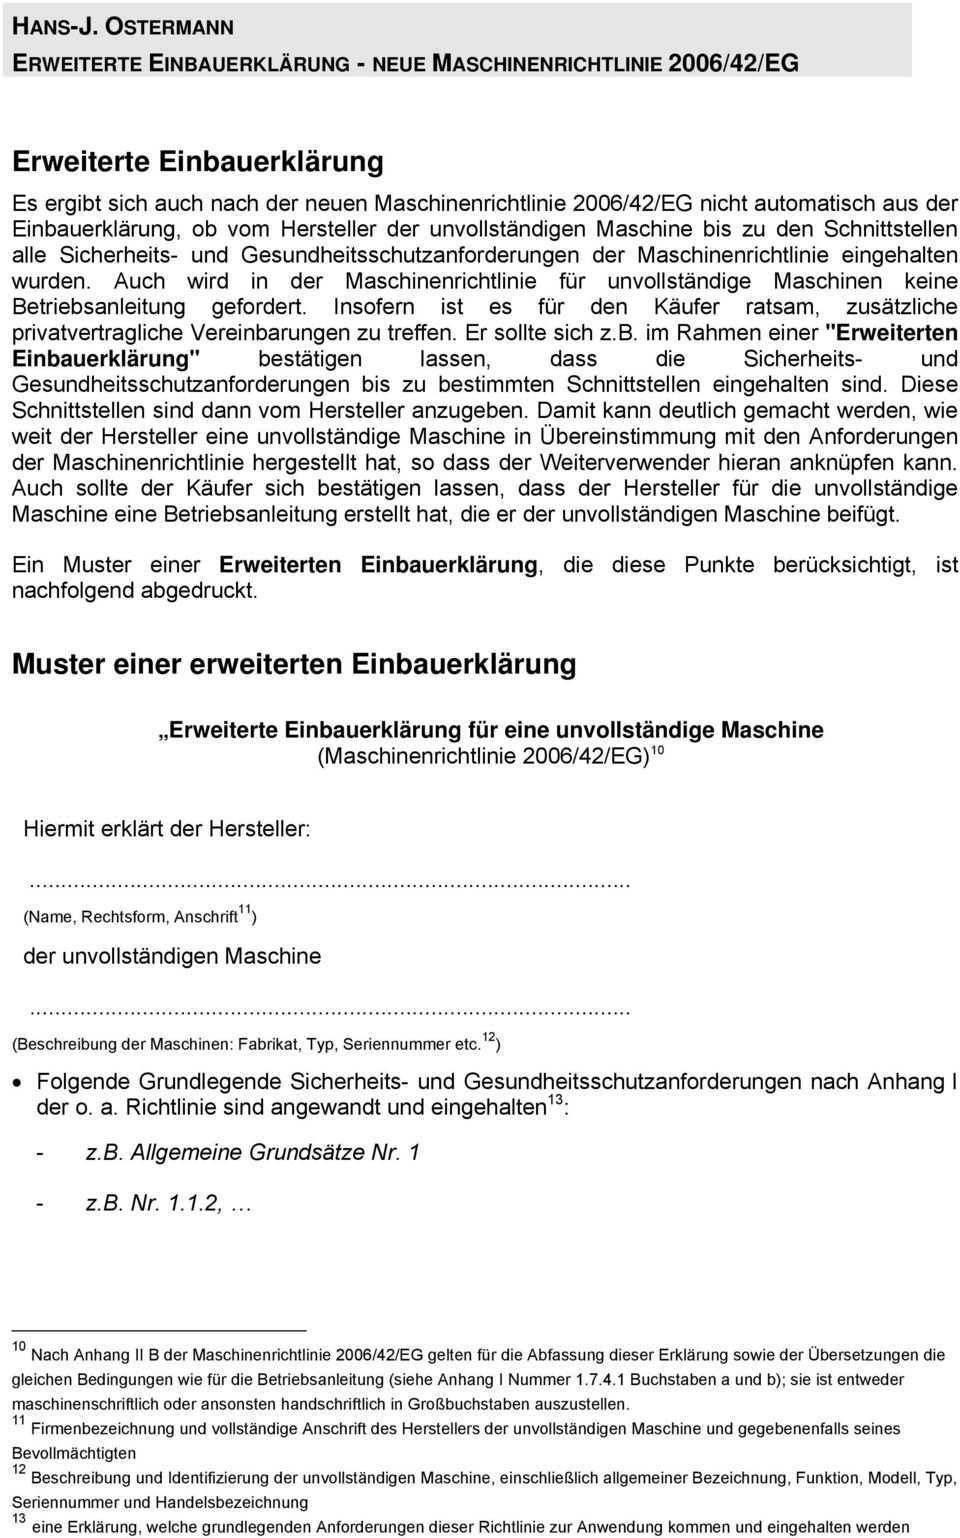 Neue Maschinenrichtlinie2006 42 Eg Erweiterte Einbauerklarung Fur Unvollstandige Maschinen Pdf Free Download